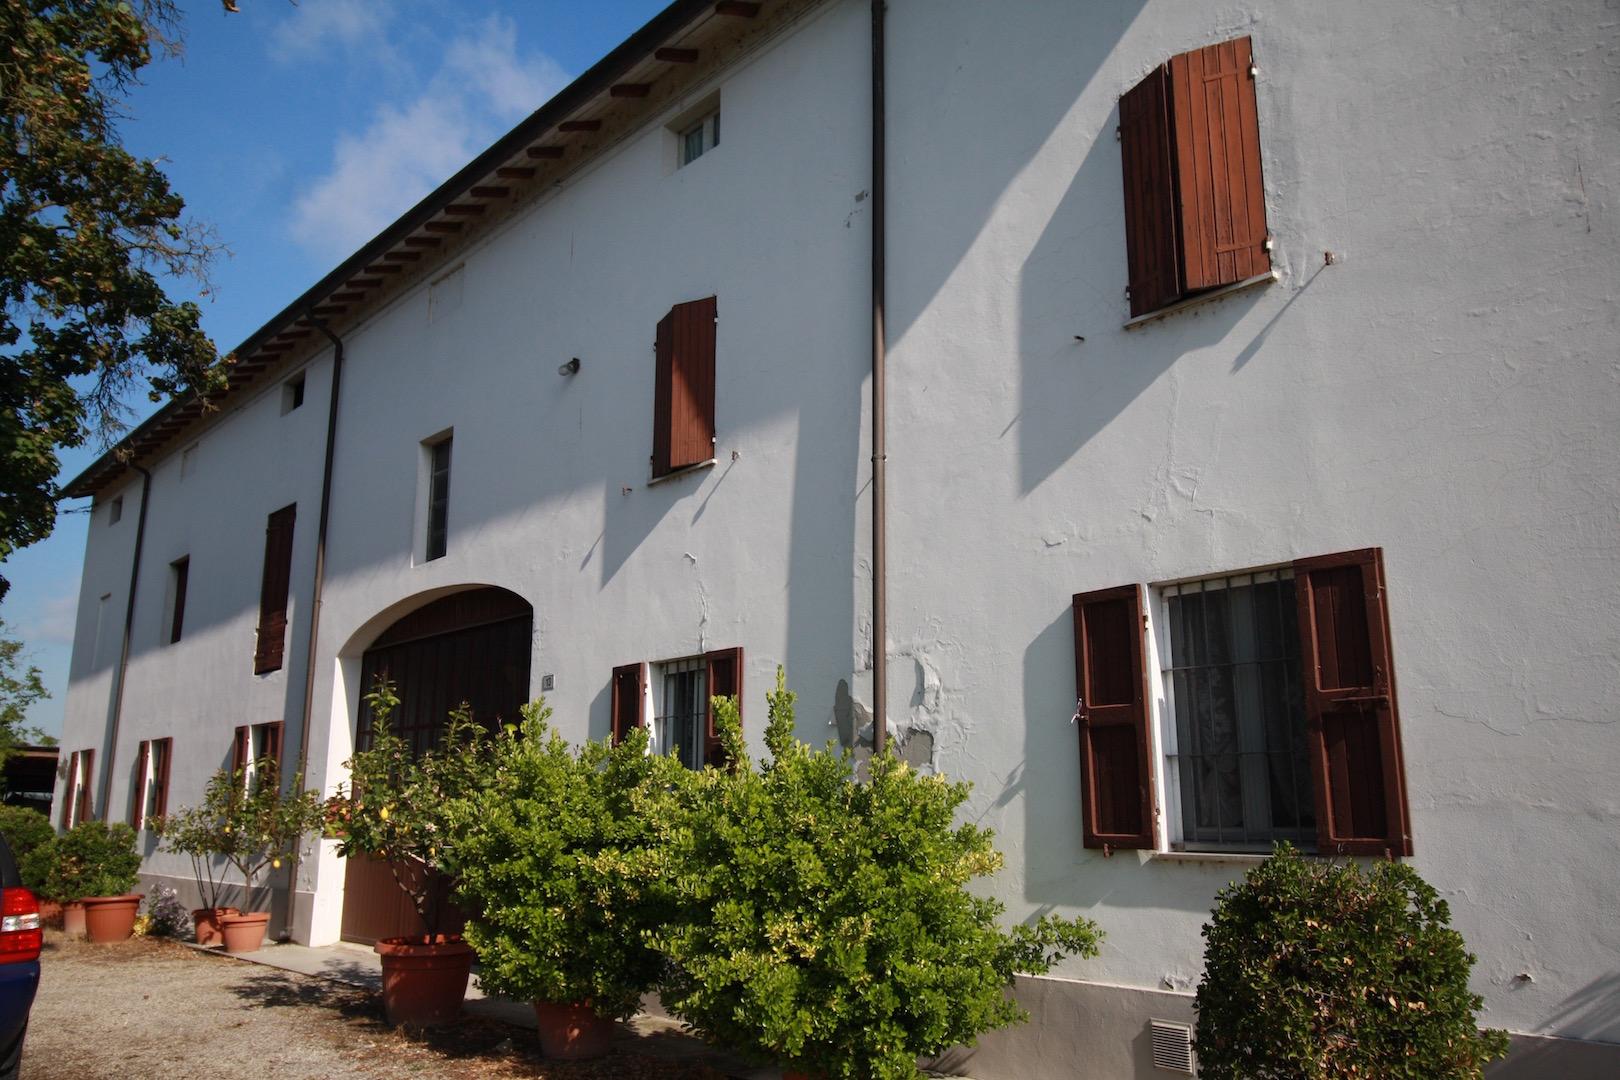 Rustico / Casale in vendita a Gattatico, 7 locali, prezzo € 293.000 | CambioCasa.it